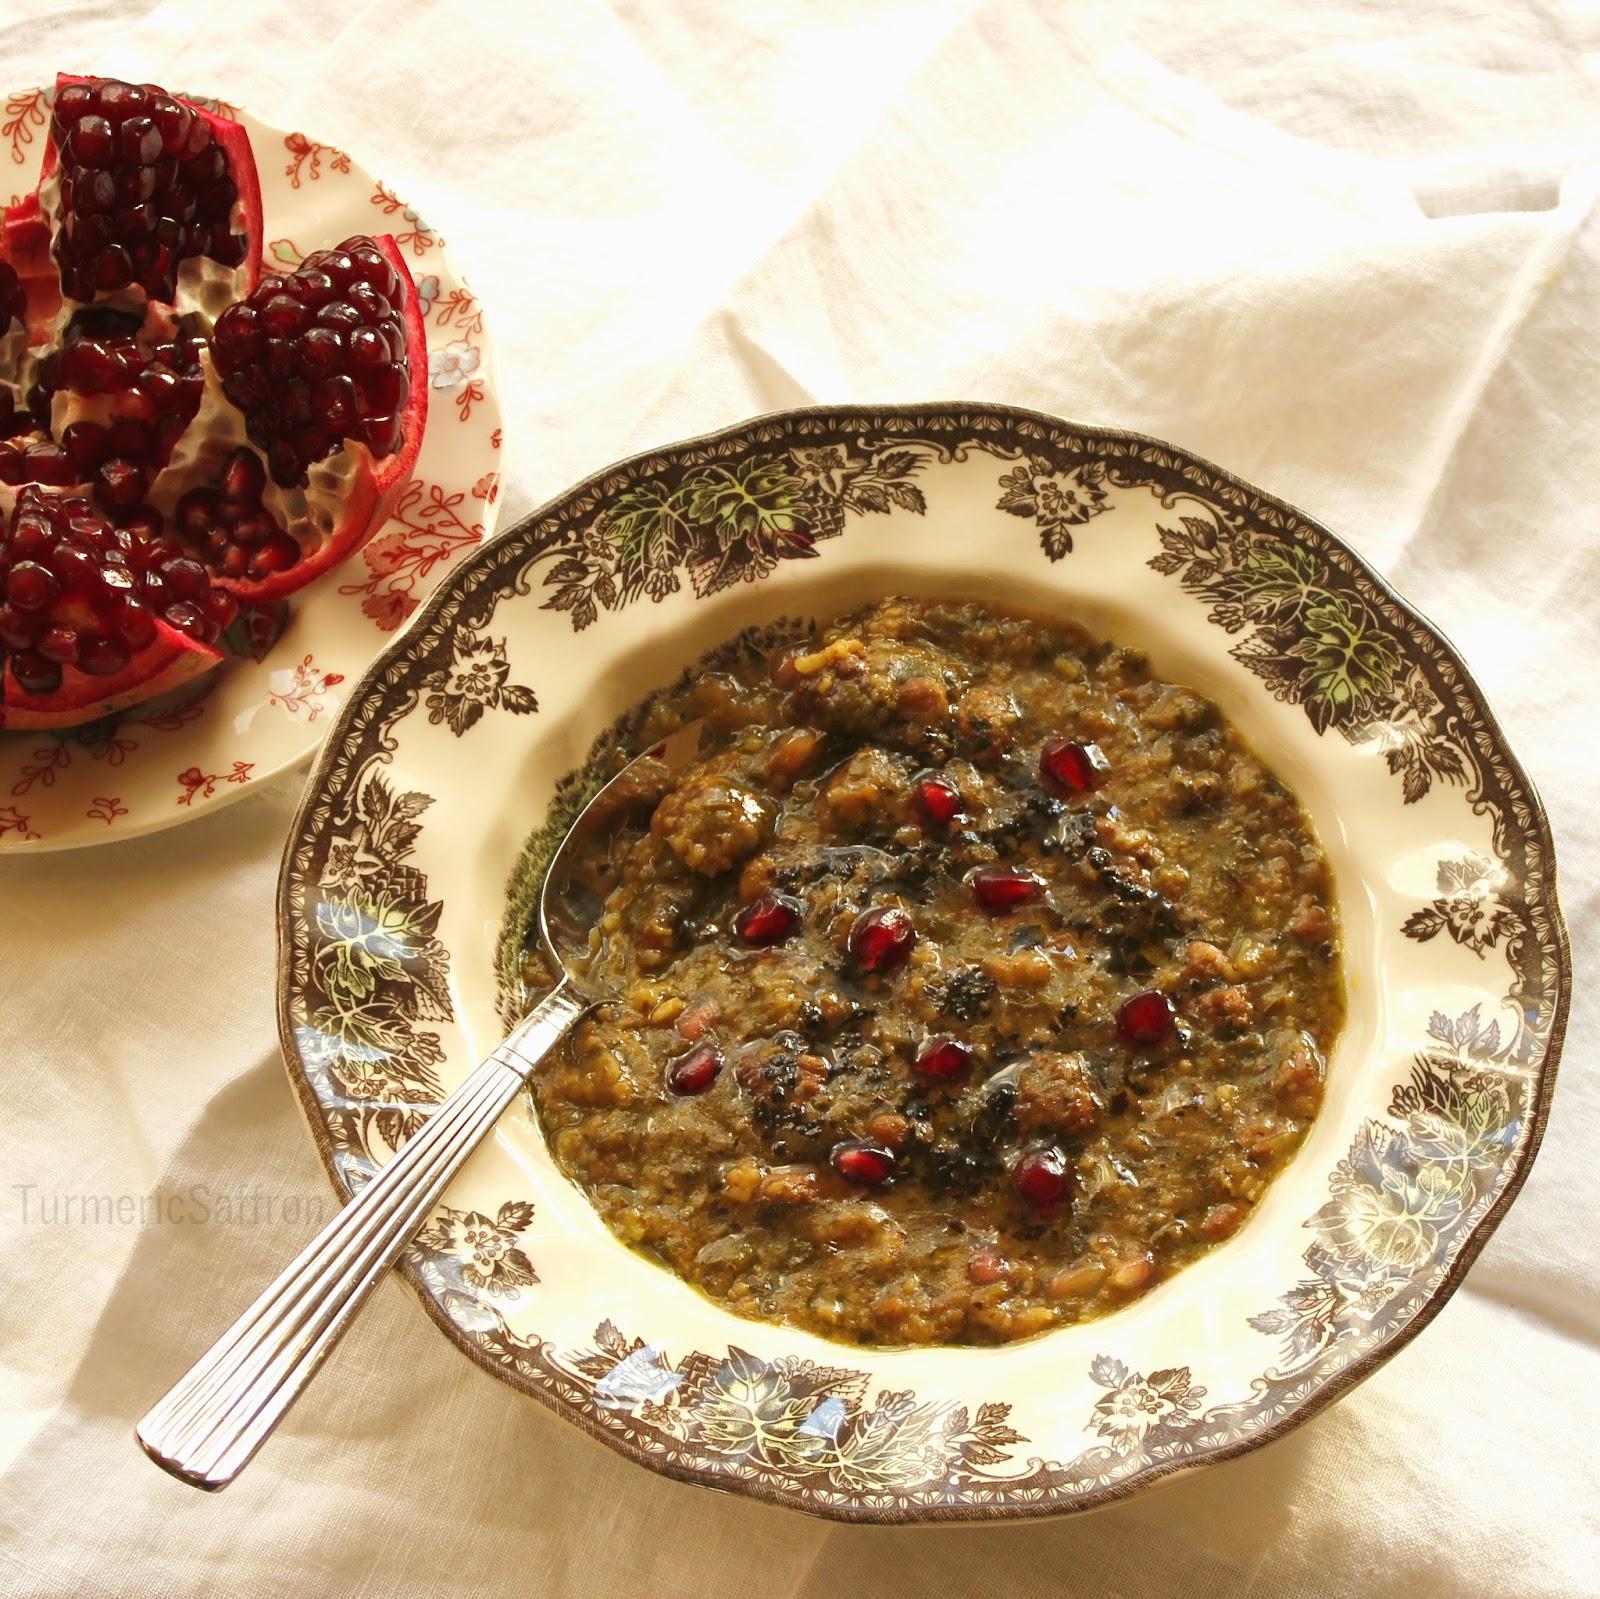 Turmeric & Saffron: Ash-e Anar - Persian Pomegranate Soup ... Persian Pomegranate Soup